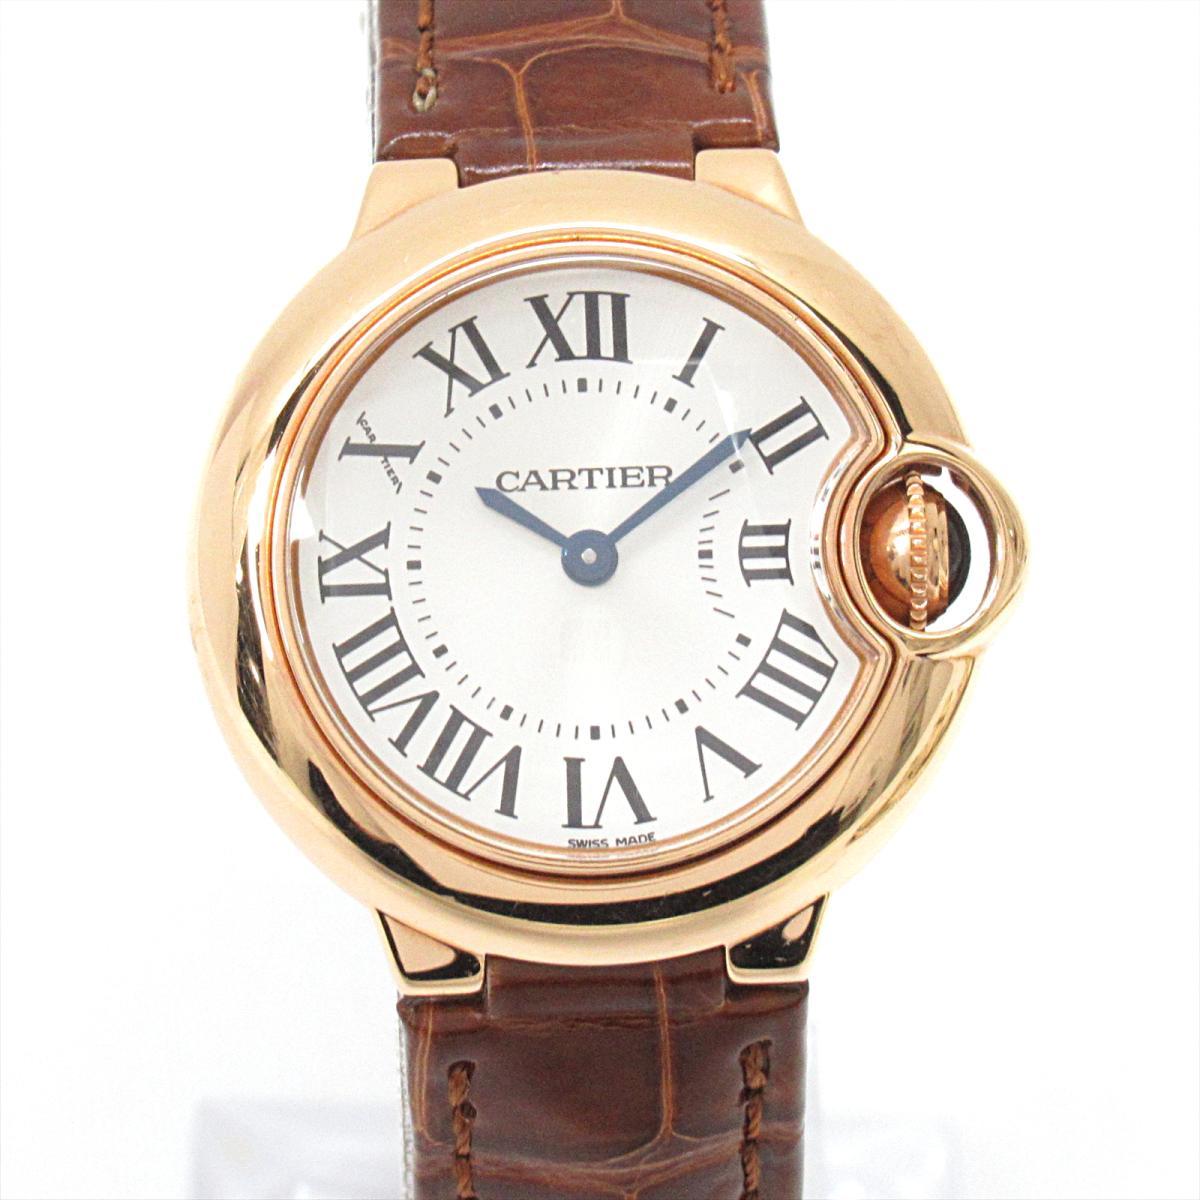 【中古】 カルティエ バロン ブルー ドゥ 腕時計 ウォッチ レディース 18K (ピンクゴールド) レザーベルト (アリゲーター) (WGBB0007) | Cartier BRANDOFF ブランドオフ ブランド ブランド時計 ブランド腕時計 時計